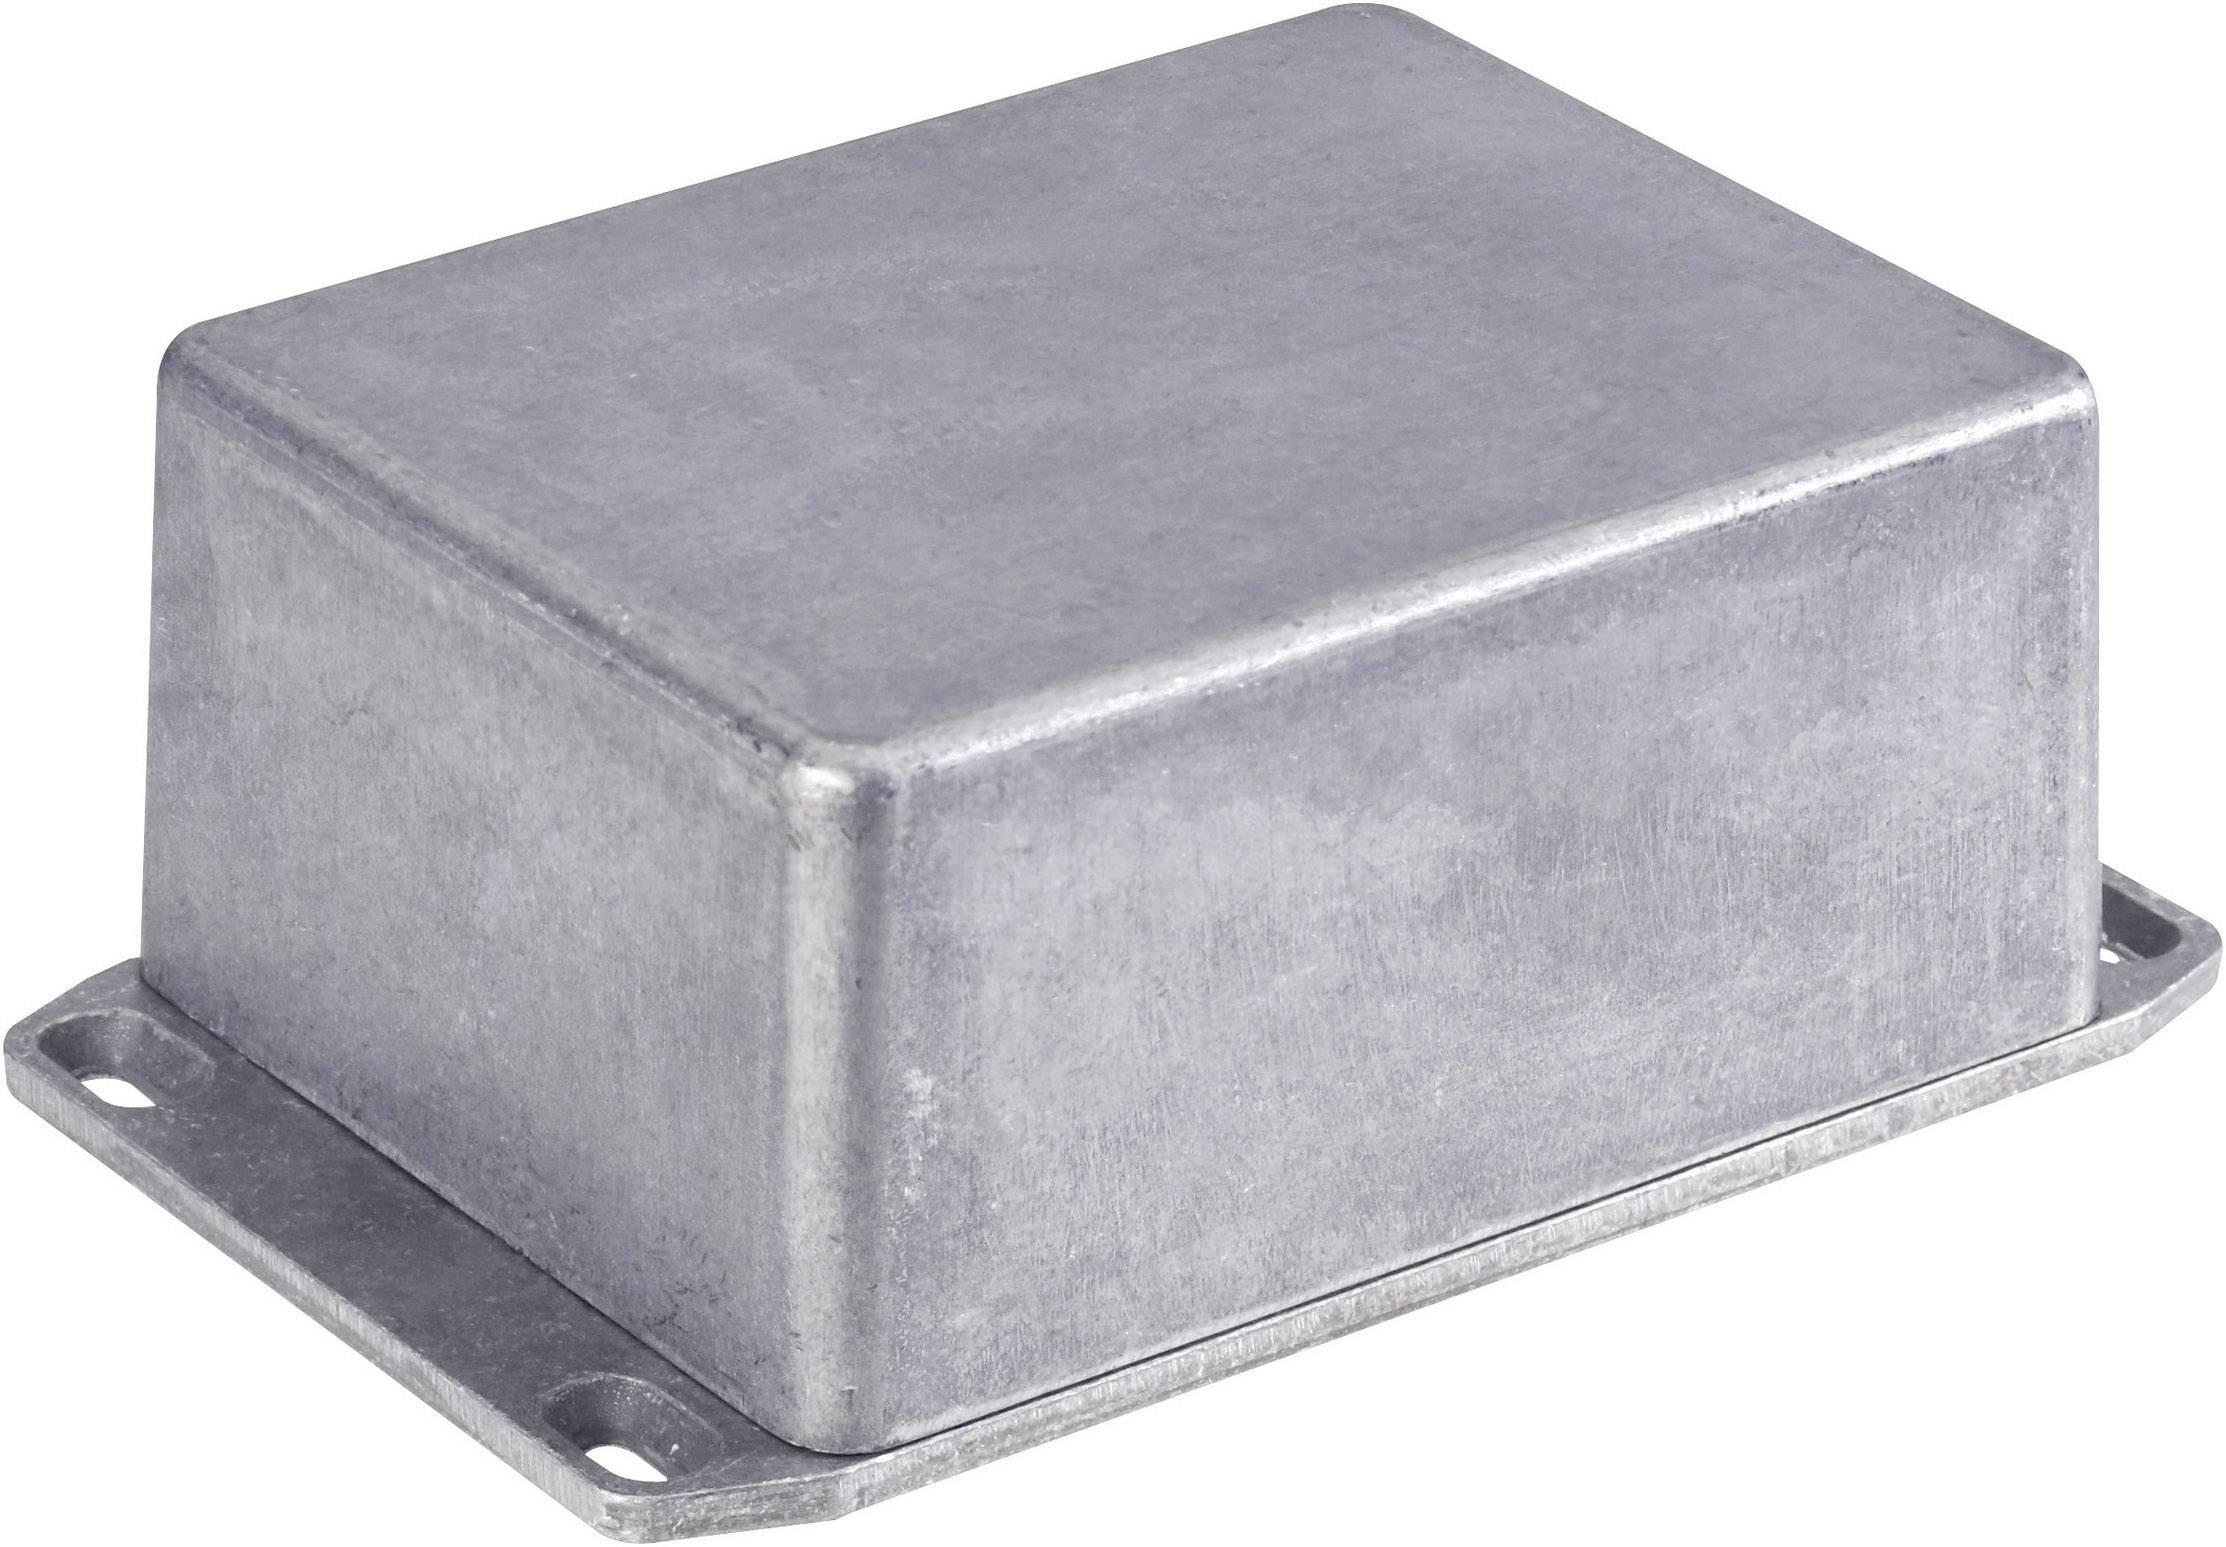 Tlakem lité hliníkové pouzdro Hammond Electronics 1590AFLBK, (d x š x v) 93 x 39 x 31 mm, černá